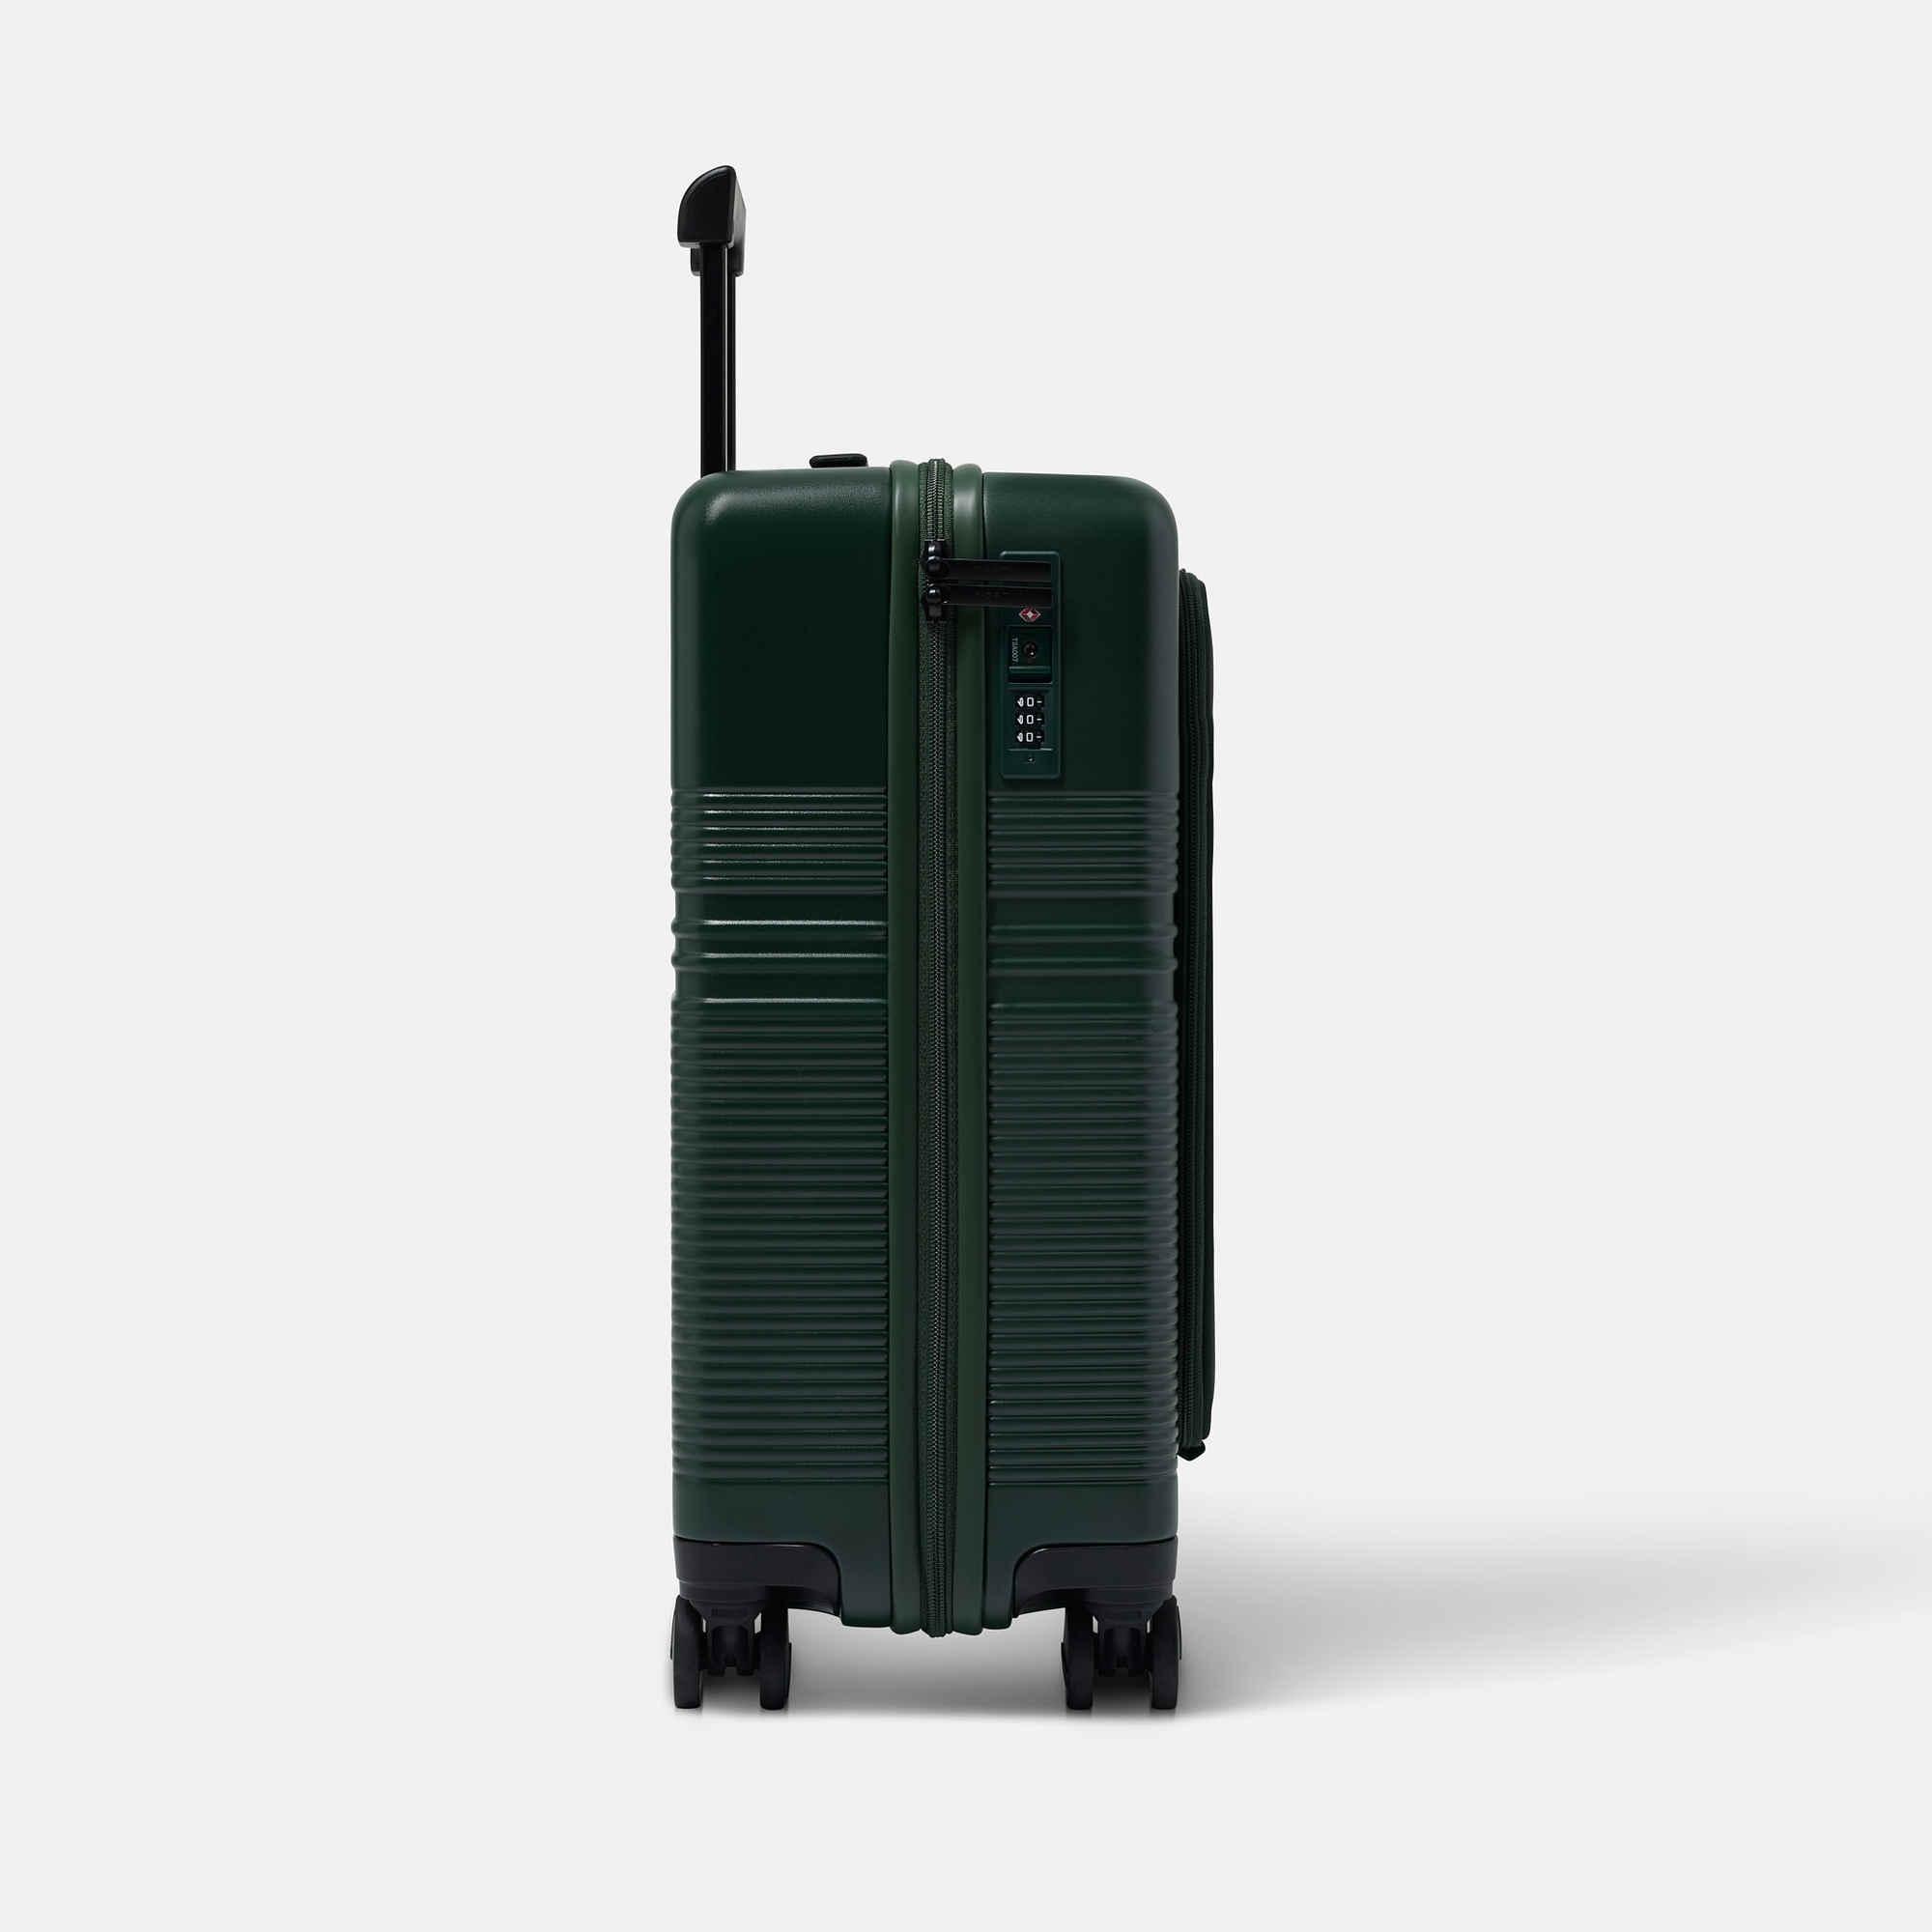 NORTVI sustainable design suitcase groen met laptop vak gemaakt van duurzaam materiaal. Perfecte reis trolley te gebruiken als handbagage.